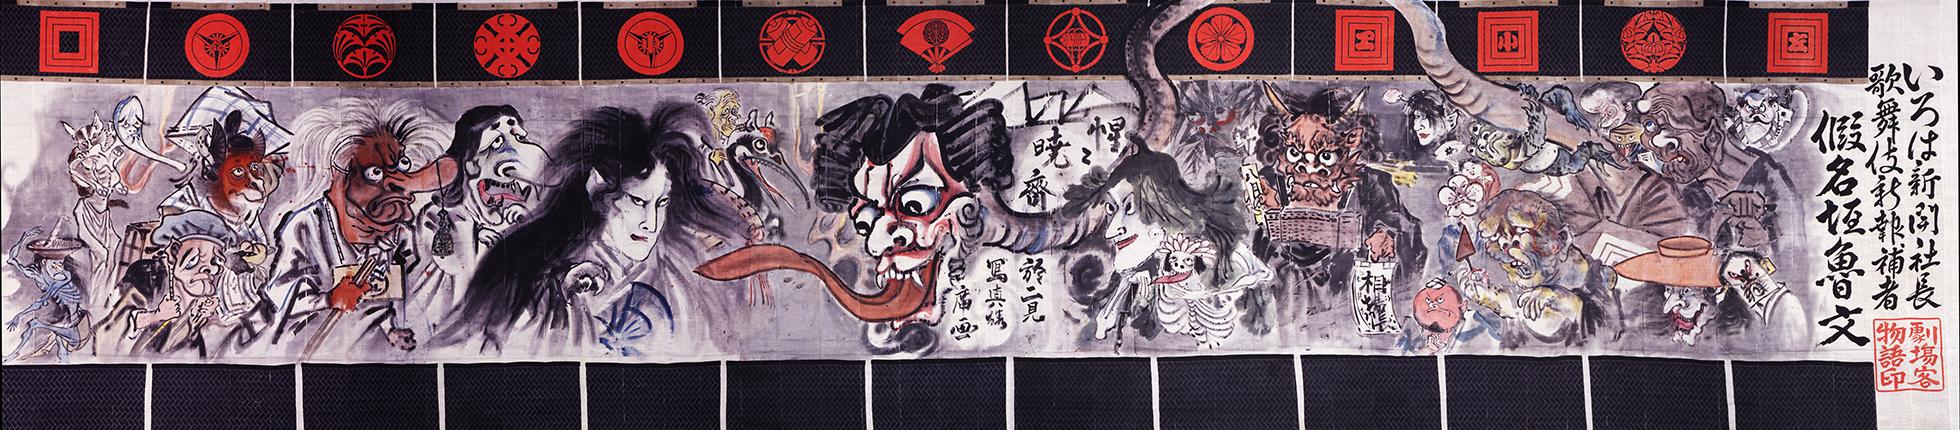 Kyosai-Kabuki-curtain-blog.jpg